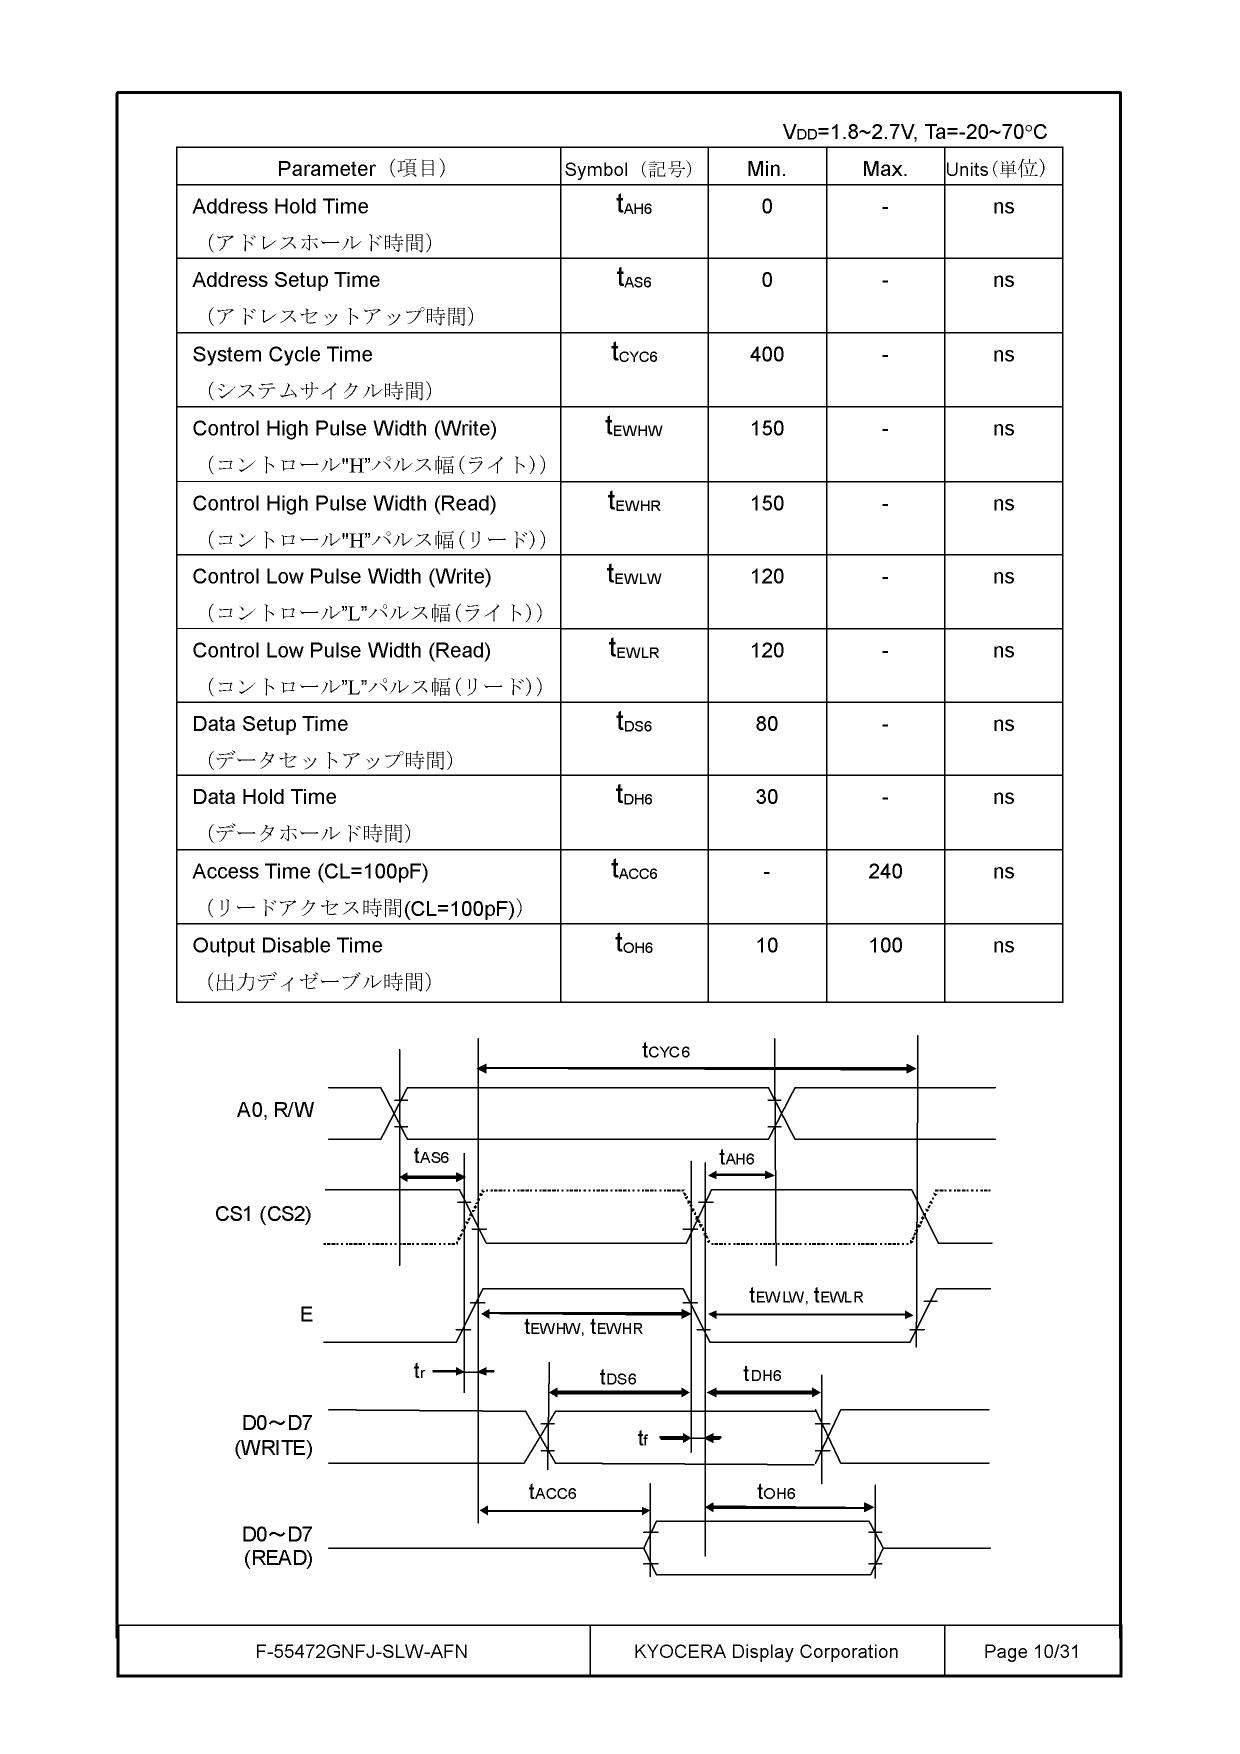 F-55472GNFJ-SLW-AFN arduino